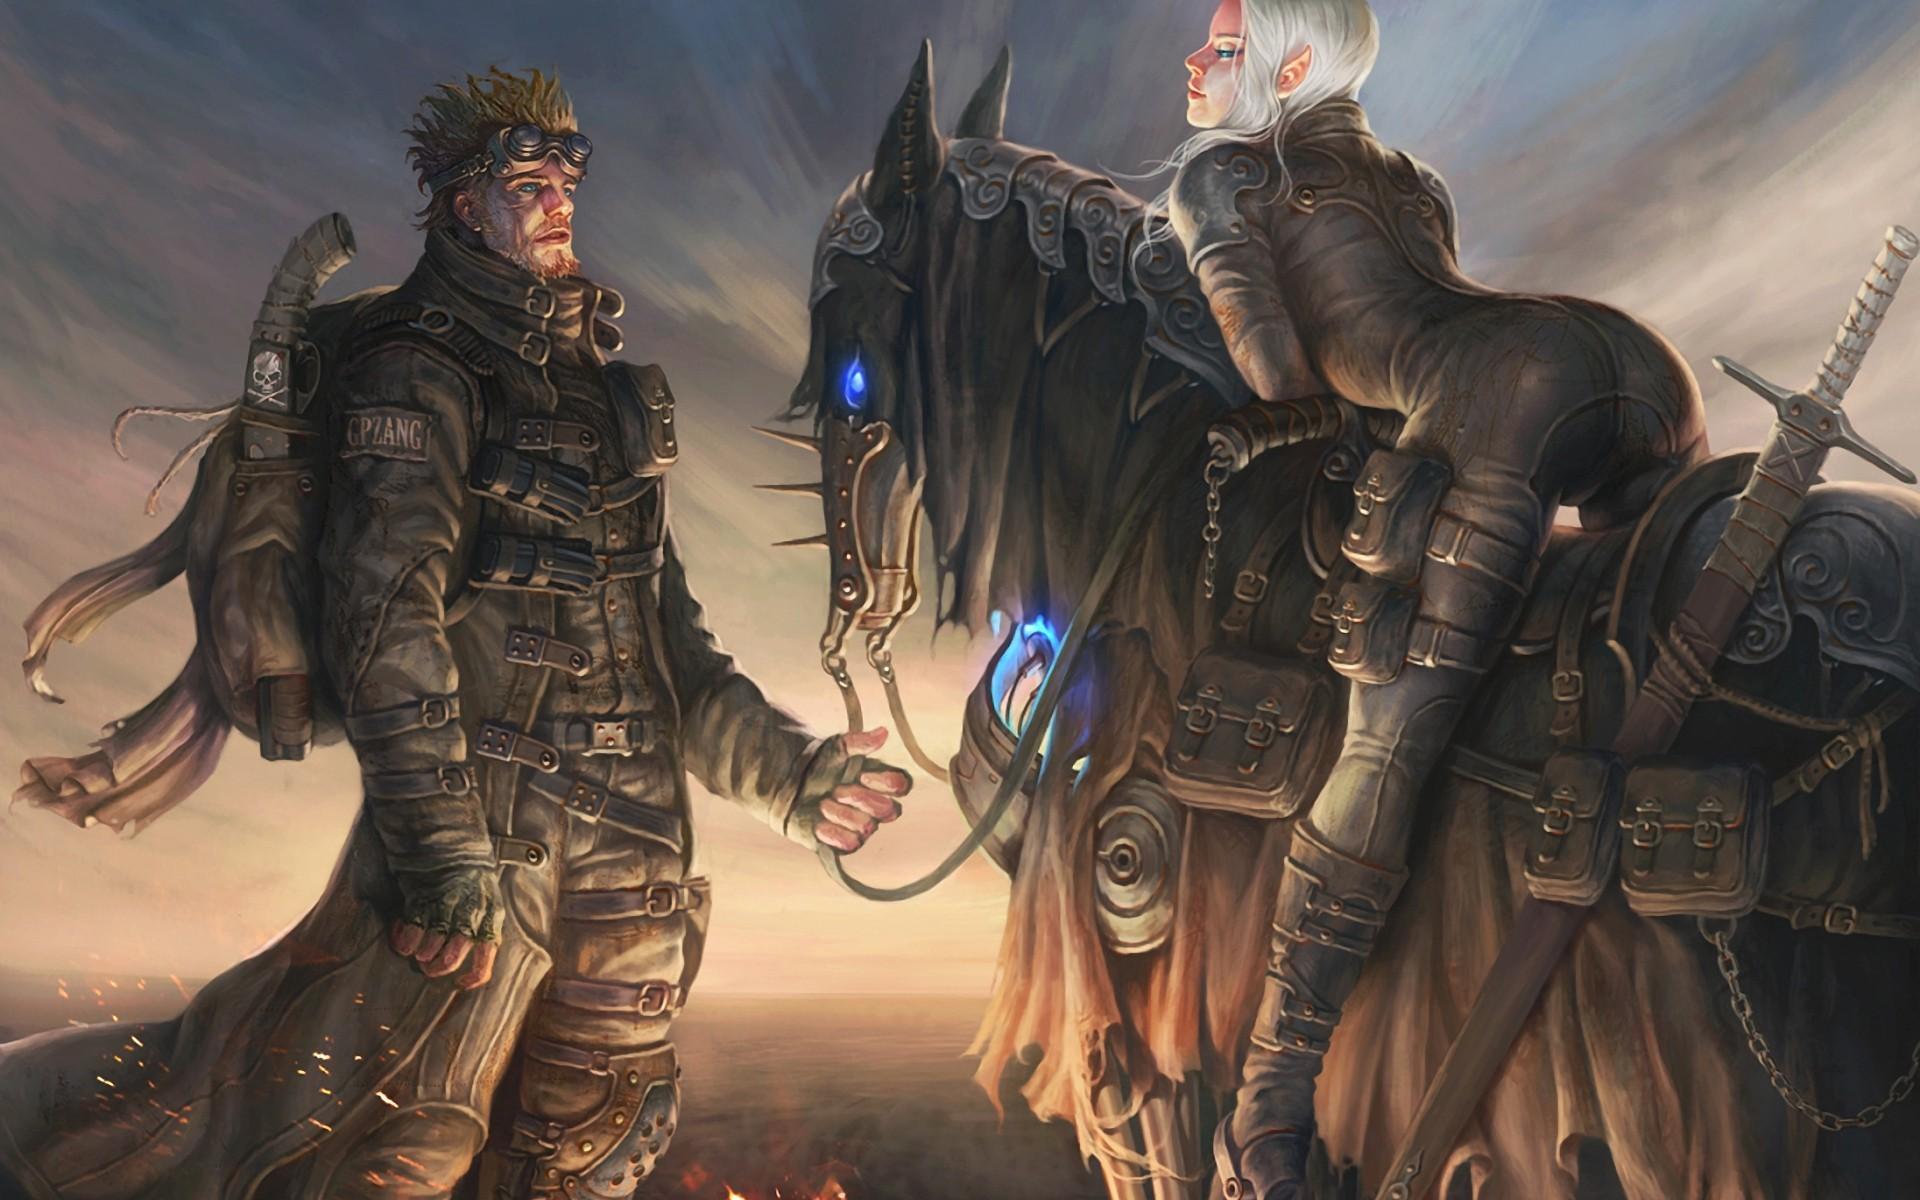 General 1920x1200 fantasy art women men horse sword weapon concept art ass bent over platinum blonde